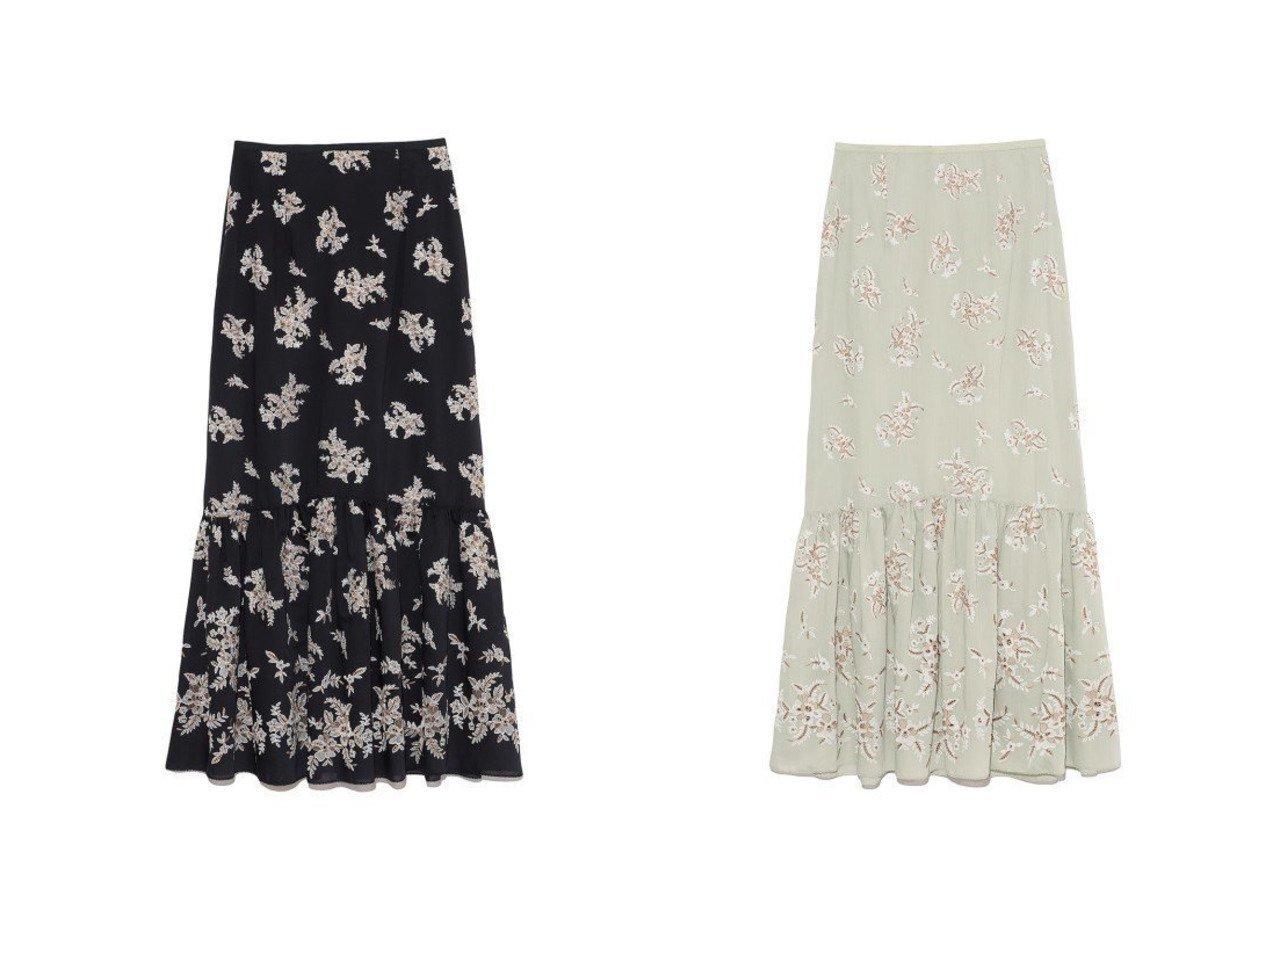 【Lily Brown/リリーブラウン】のフラワー刺繍ロングスカート Lily Brownのおすすめ!人気、トレンド・レディースファッションの通販 おすすめで人気の流行・トレンド、ファッションの通販商品 メンズファッション・キッズファッション・インテリア・家具・レディースファッション・服の通販 founy(ファニー) https://founy.com/ ファッション Fashion レディースファッション WOMEN スカート Skirt ロングスカート Long Skirt エレガント スマート セットアップ バランス フラワー フレア マーメイド ロング  ID:crp329100000019644